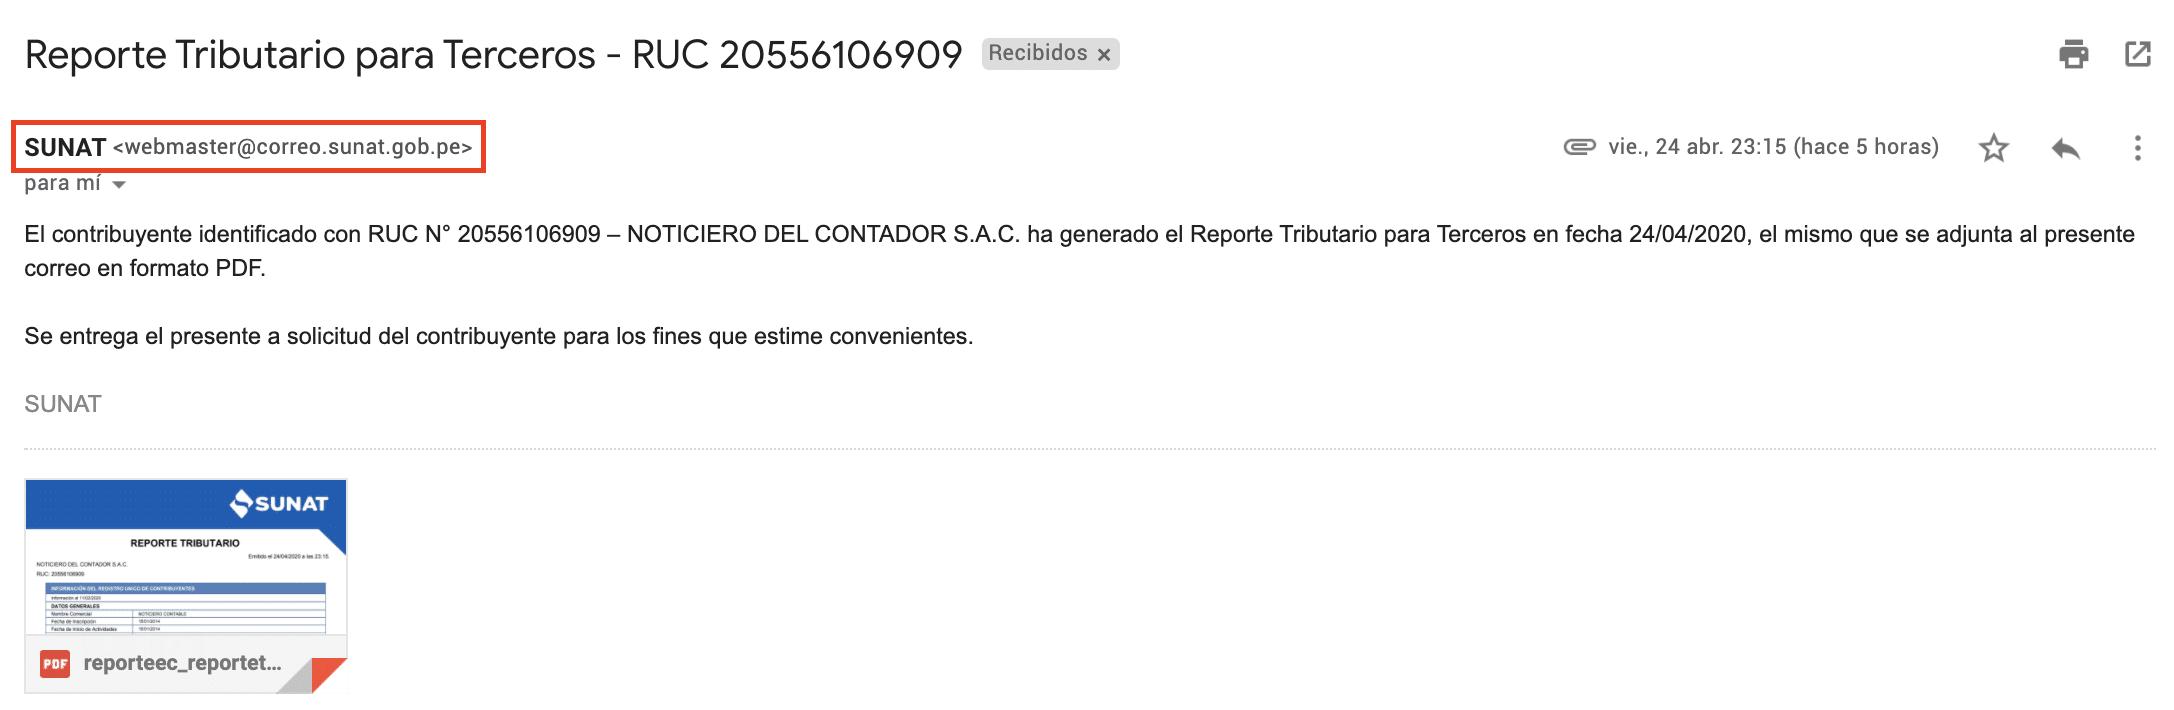 nos llegara un email con el reporte tributario